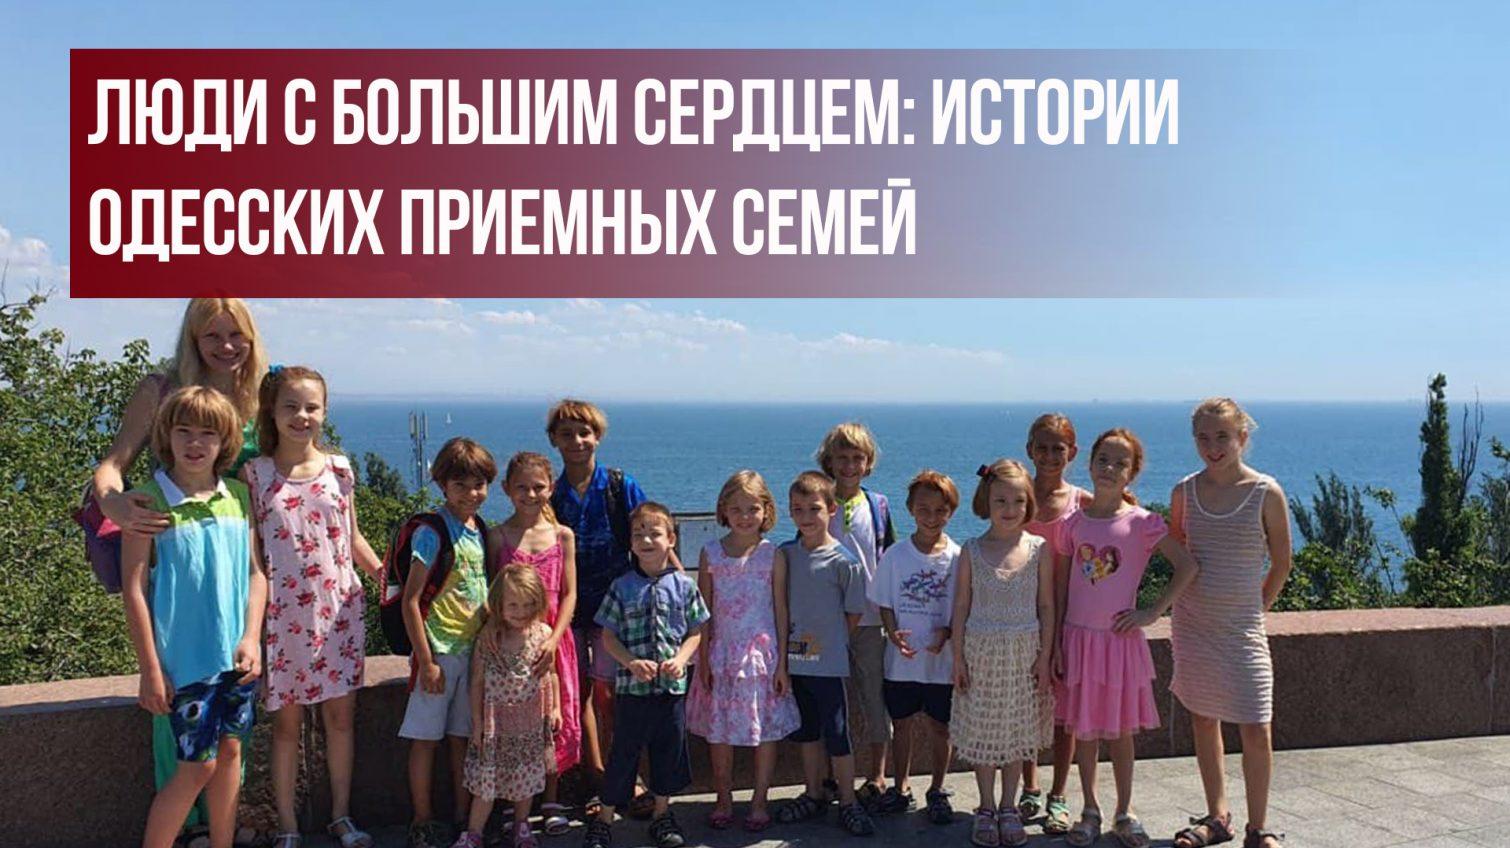 Люди с большим сердцем: истории одесских приемных семей «фото»